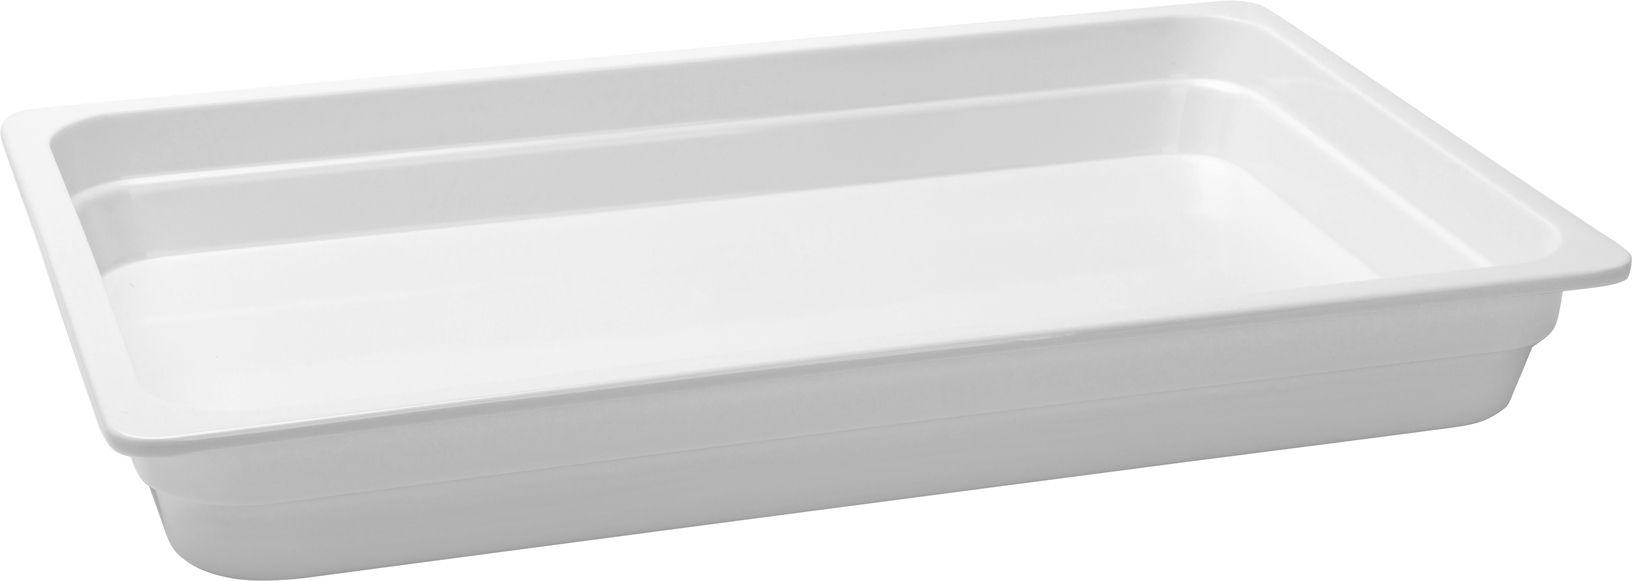 Travessa Container Retangular Em Melamina 52.4X32Cm - Branco Marfim - Oxford